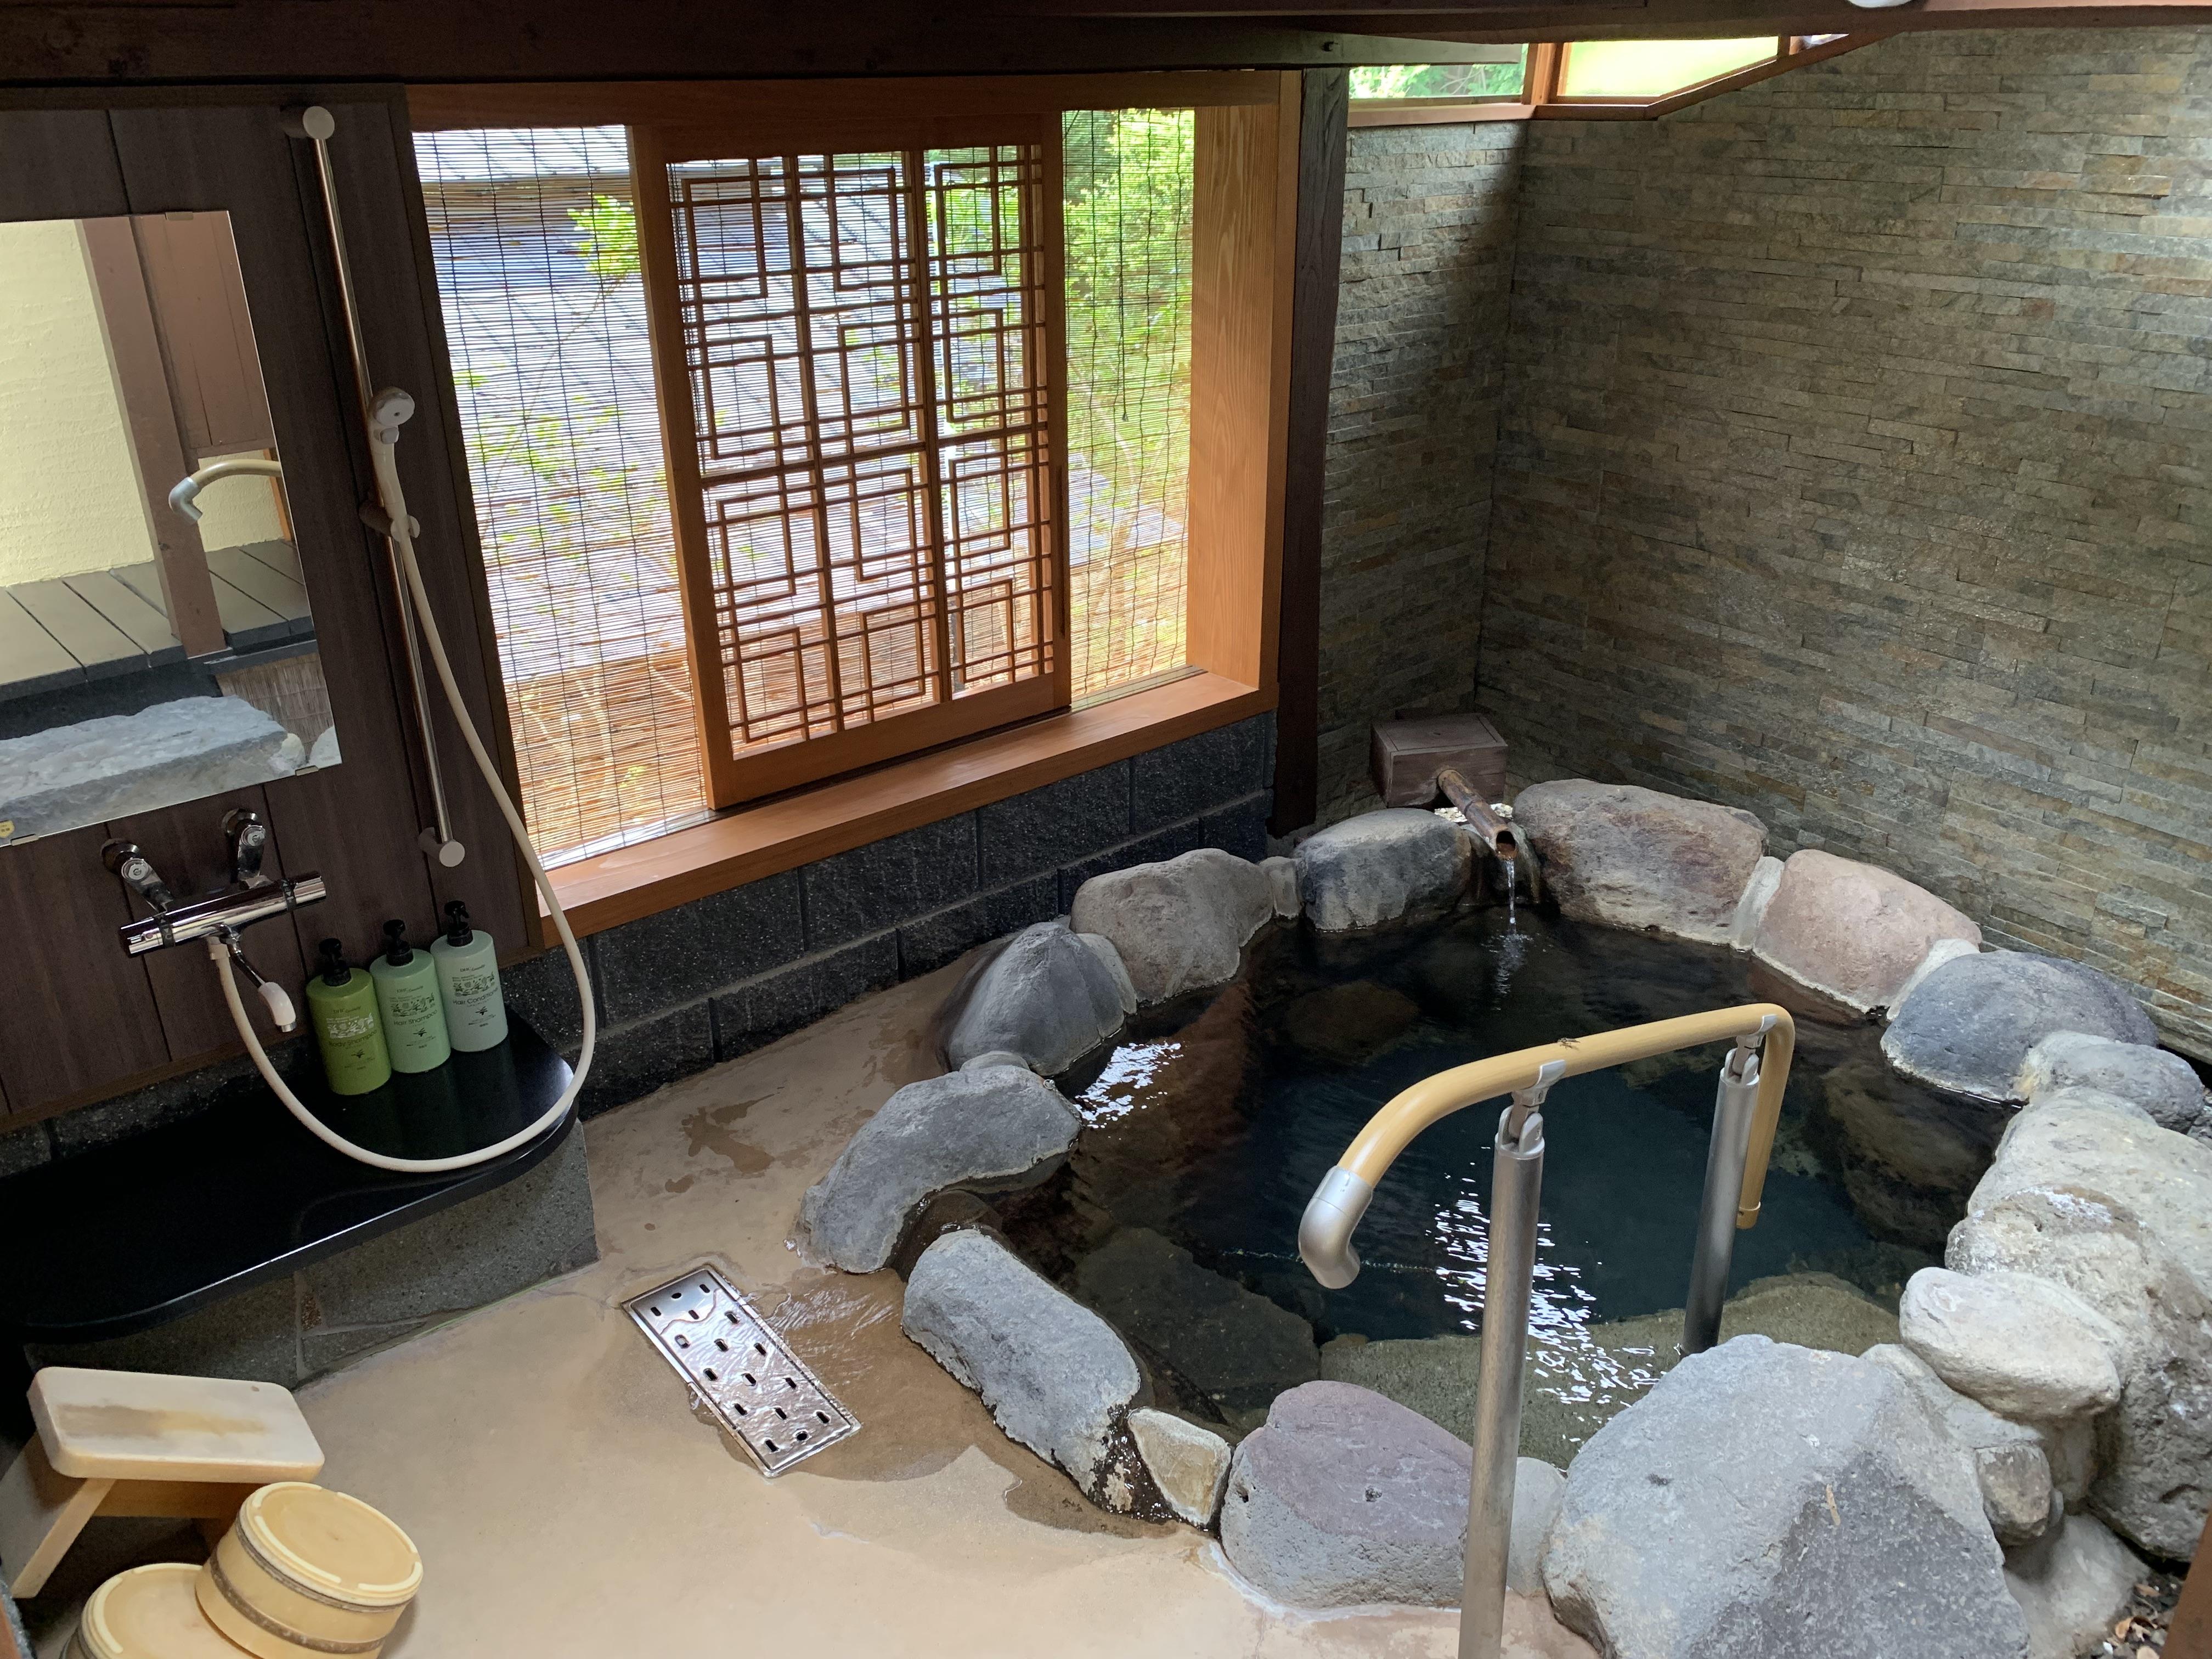 《日本🏨大分》每天只接四組客人,九州大分縣超隱世溫泉旅館「秀月」一泊二食,私人戶外風呂筋湯溫泉泡到爽!